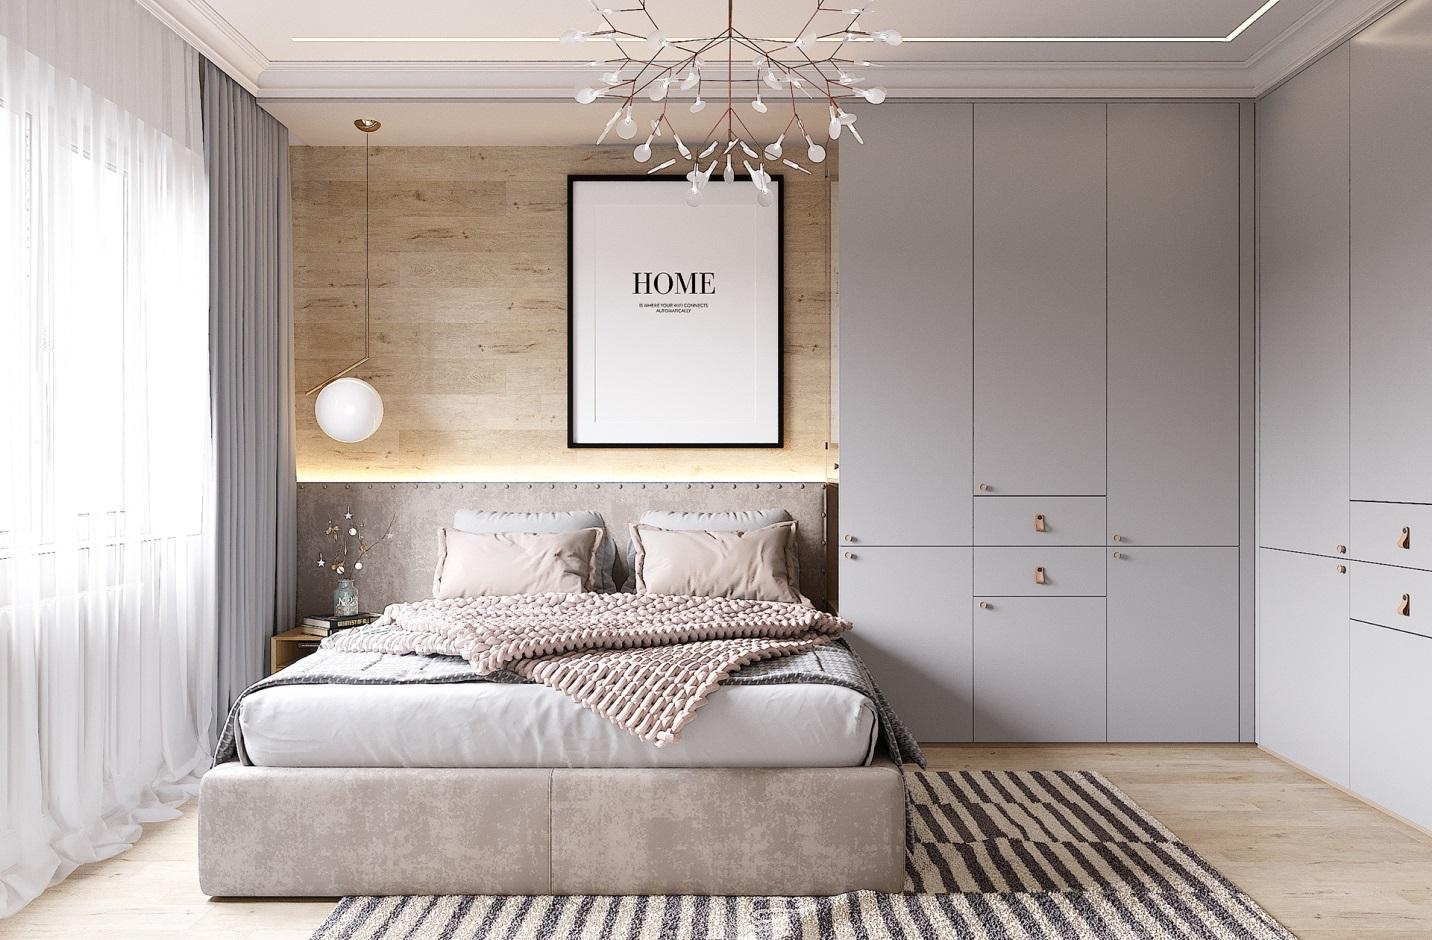 Ba nội thất chính là giường, tủ và kệ đầu giường